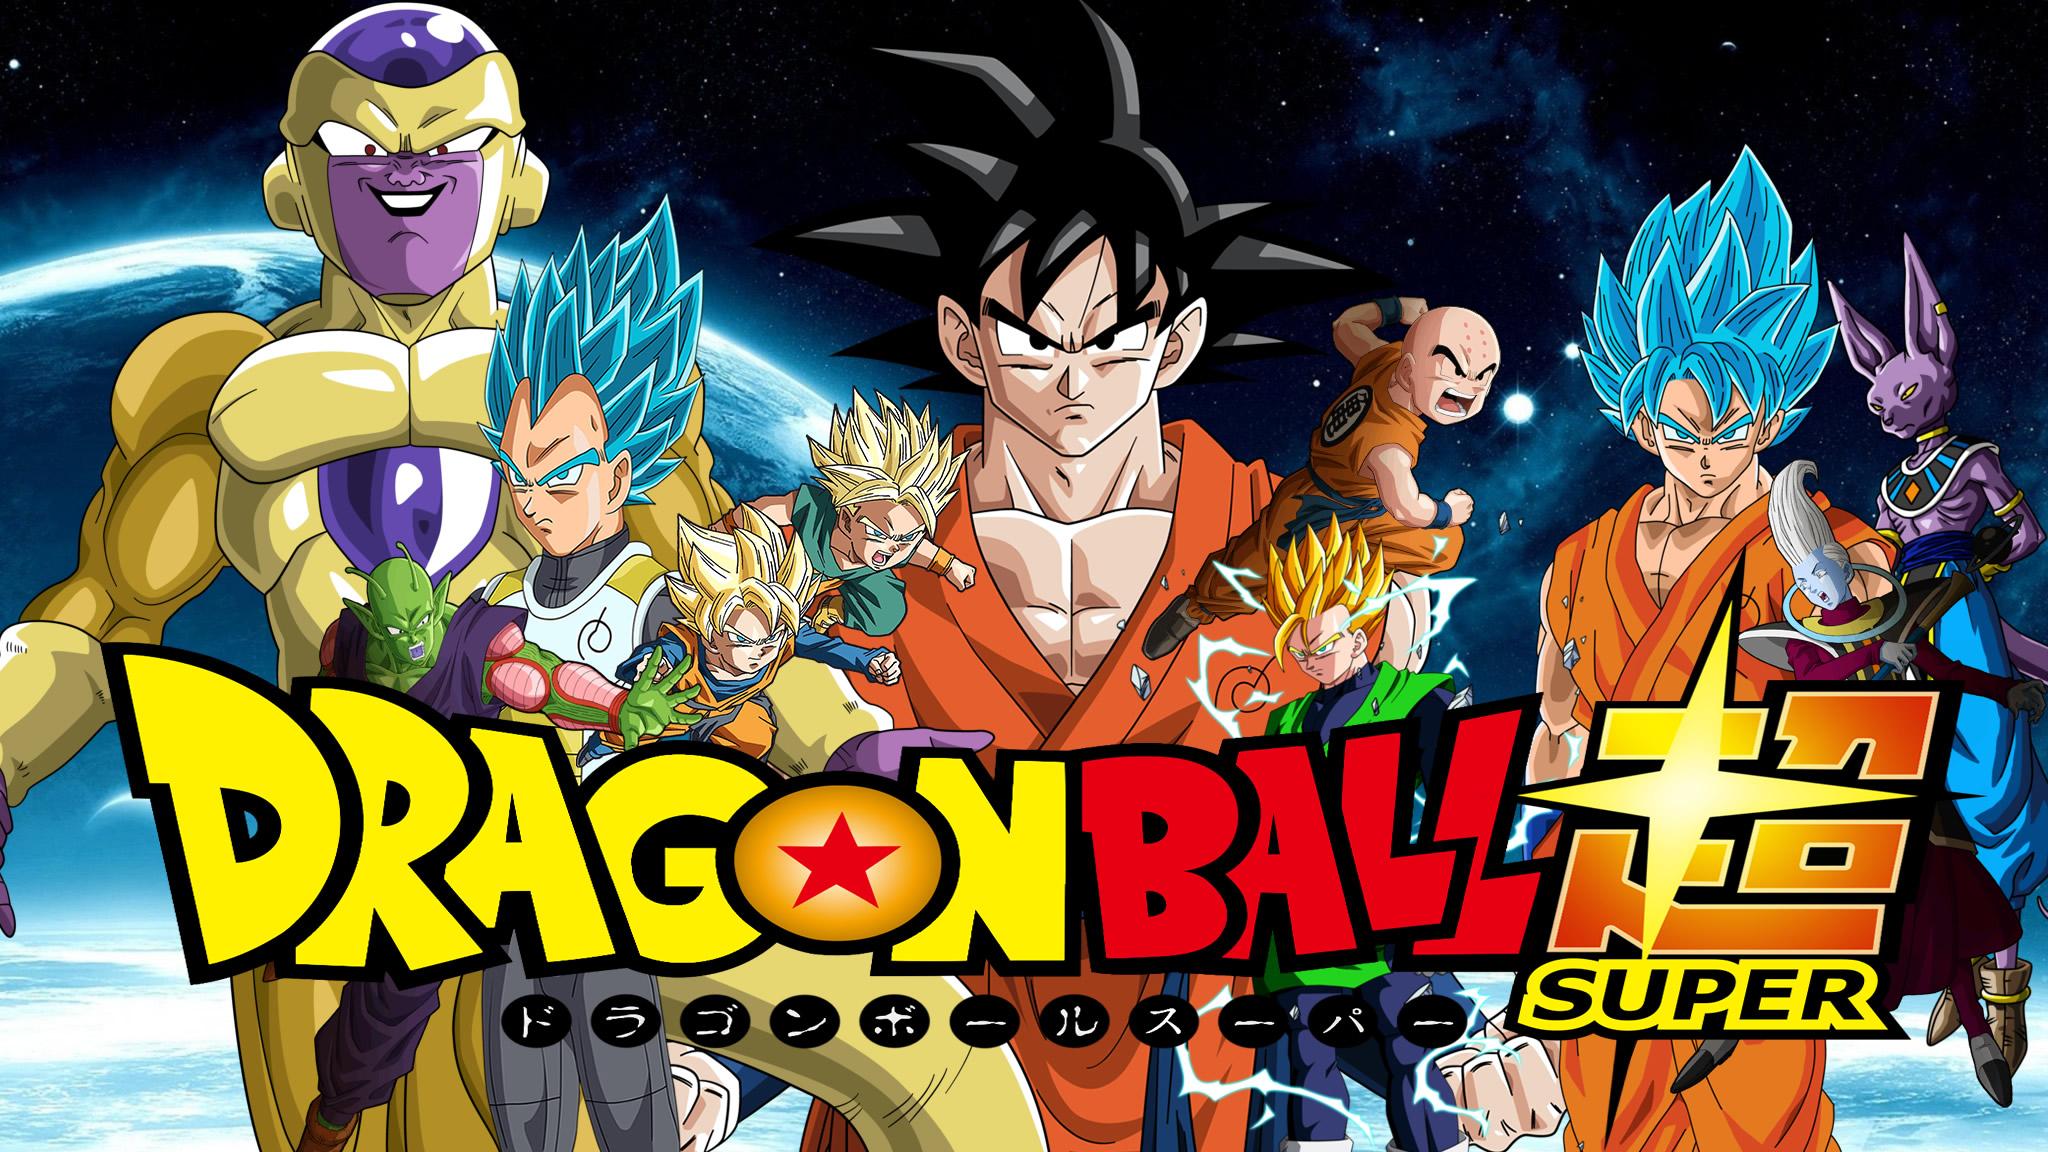 Fondos de Dragon Ball Super Wallpapers Dragon Ball Z Super Gratis